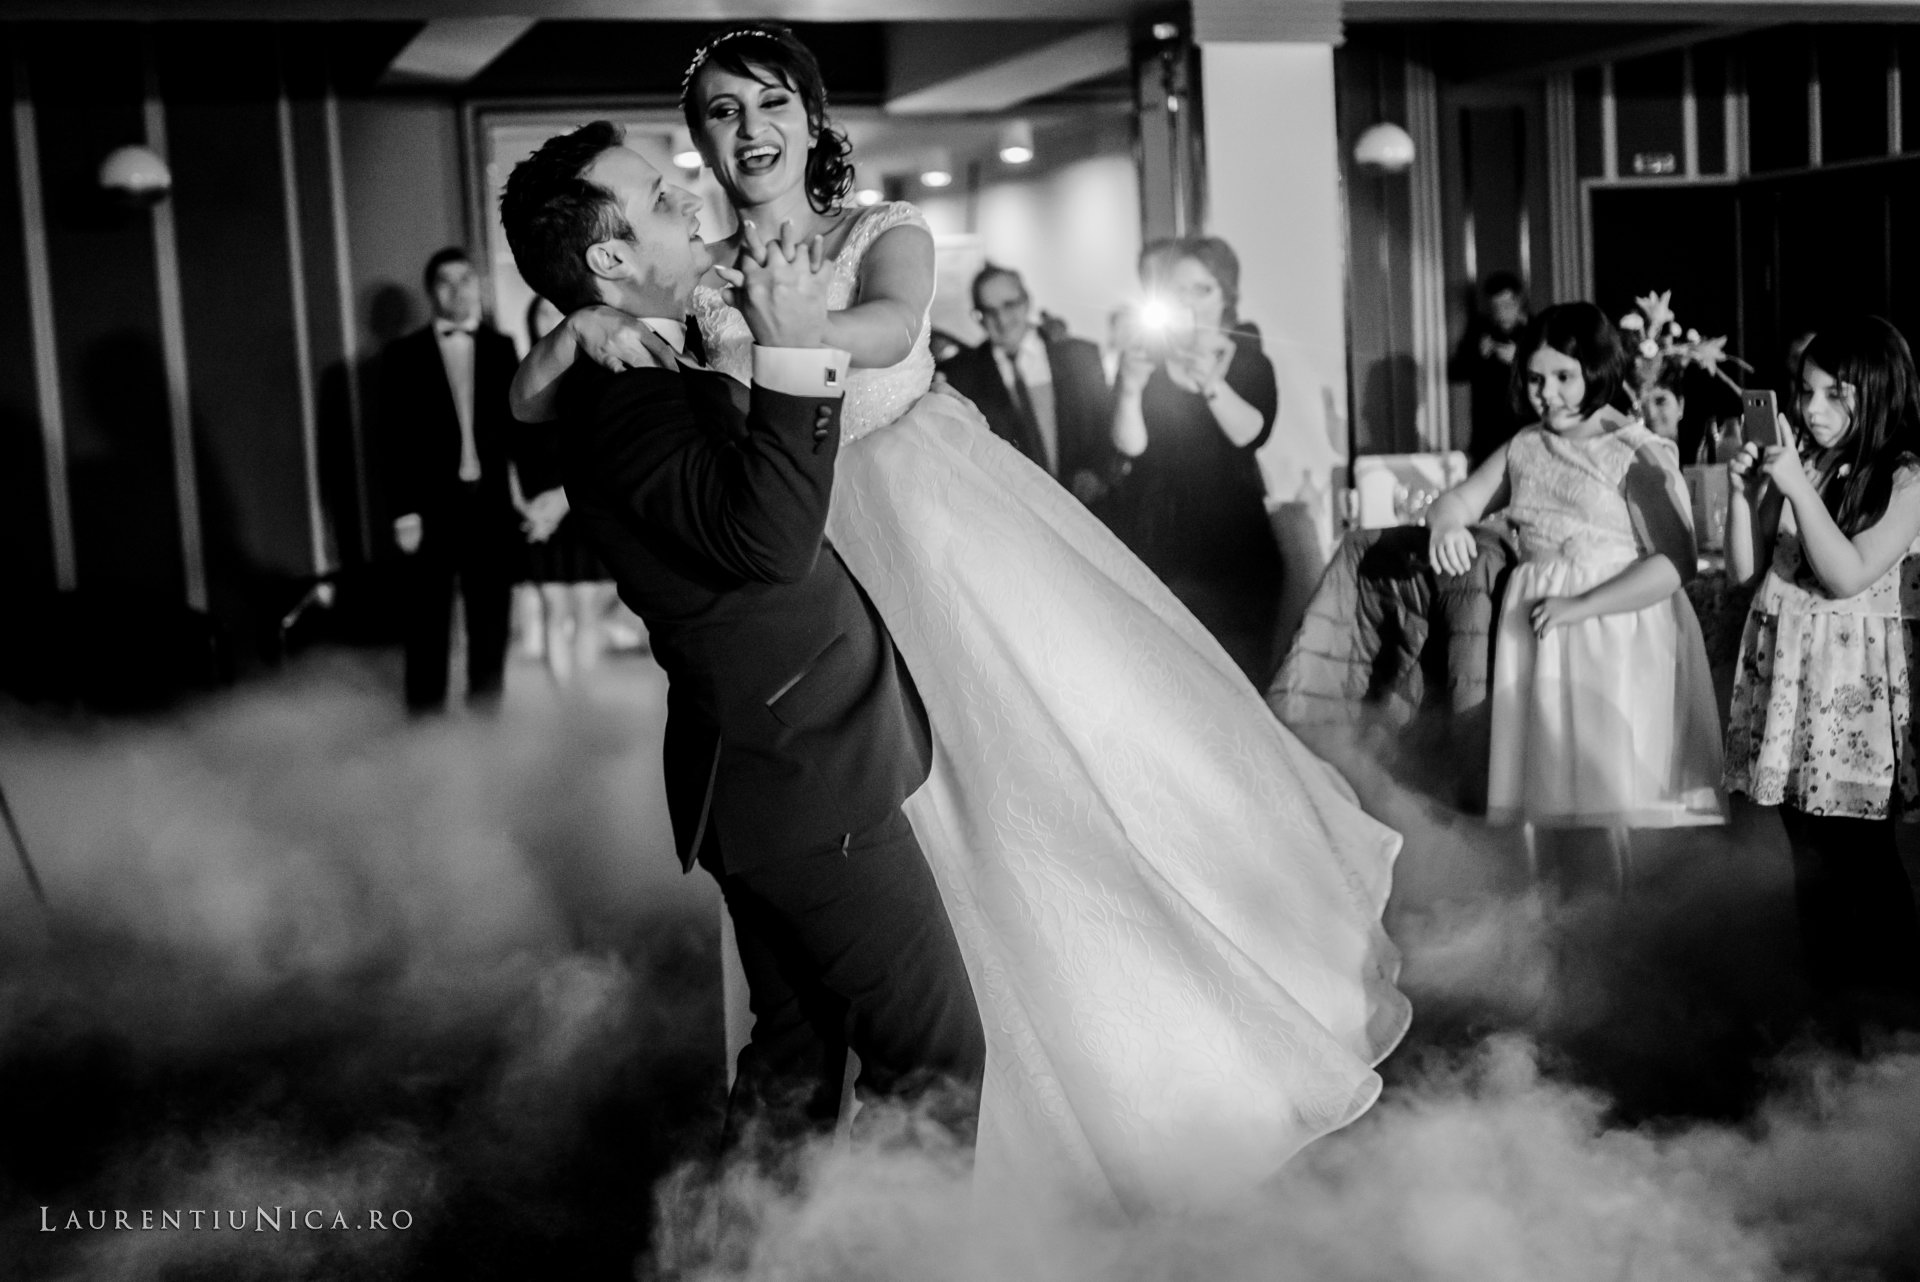 daniela si marius fotografii nunta craiova laurentiu nica48 - Daniela & Marius | Fotografii nunta